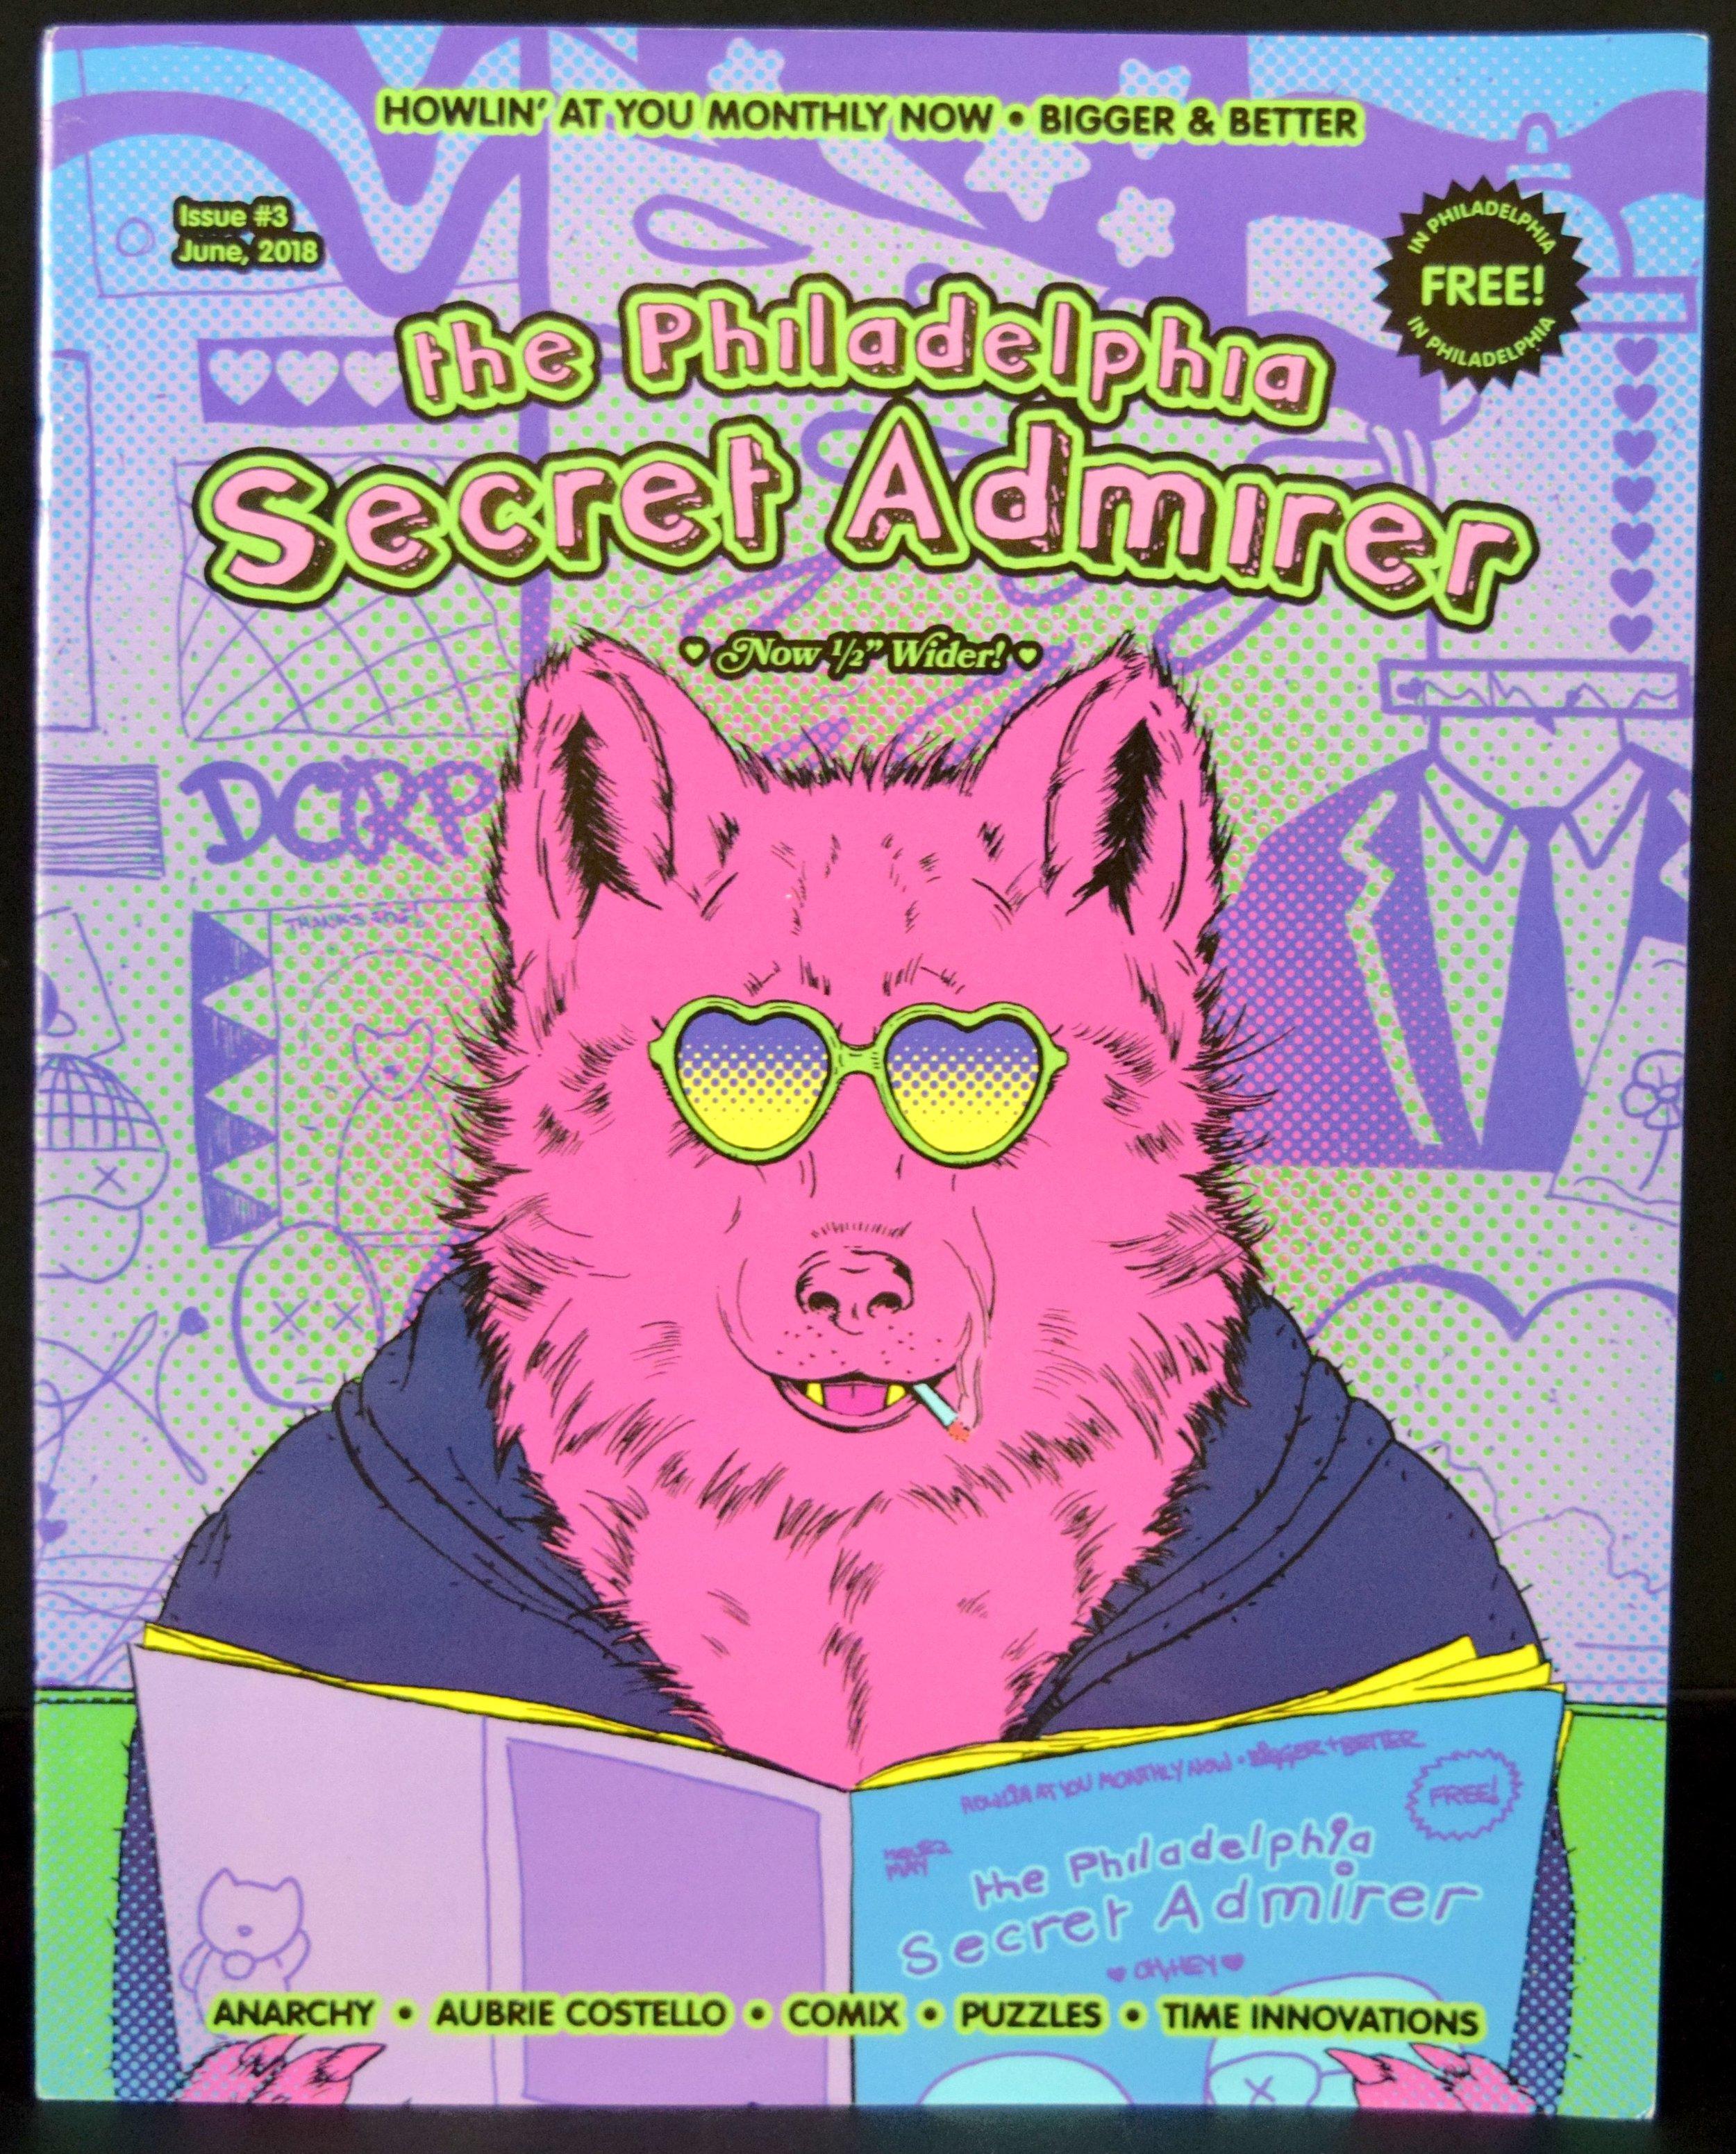 The Philadelphia Secret Admirer #3, cover by Rachel Pfeffer .